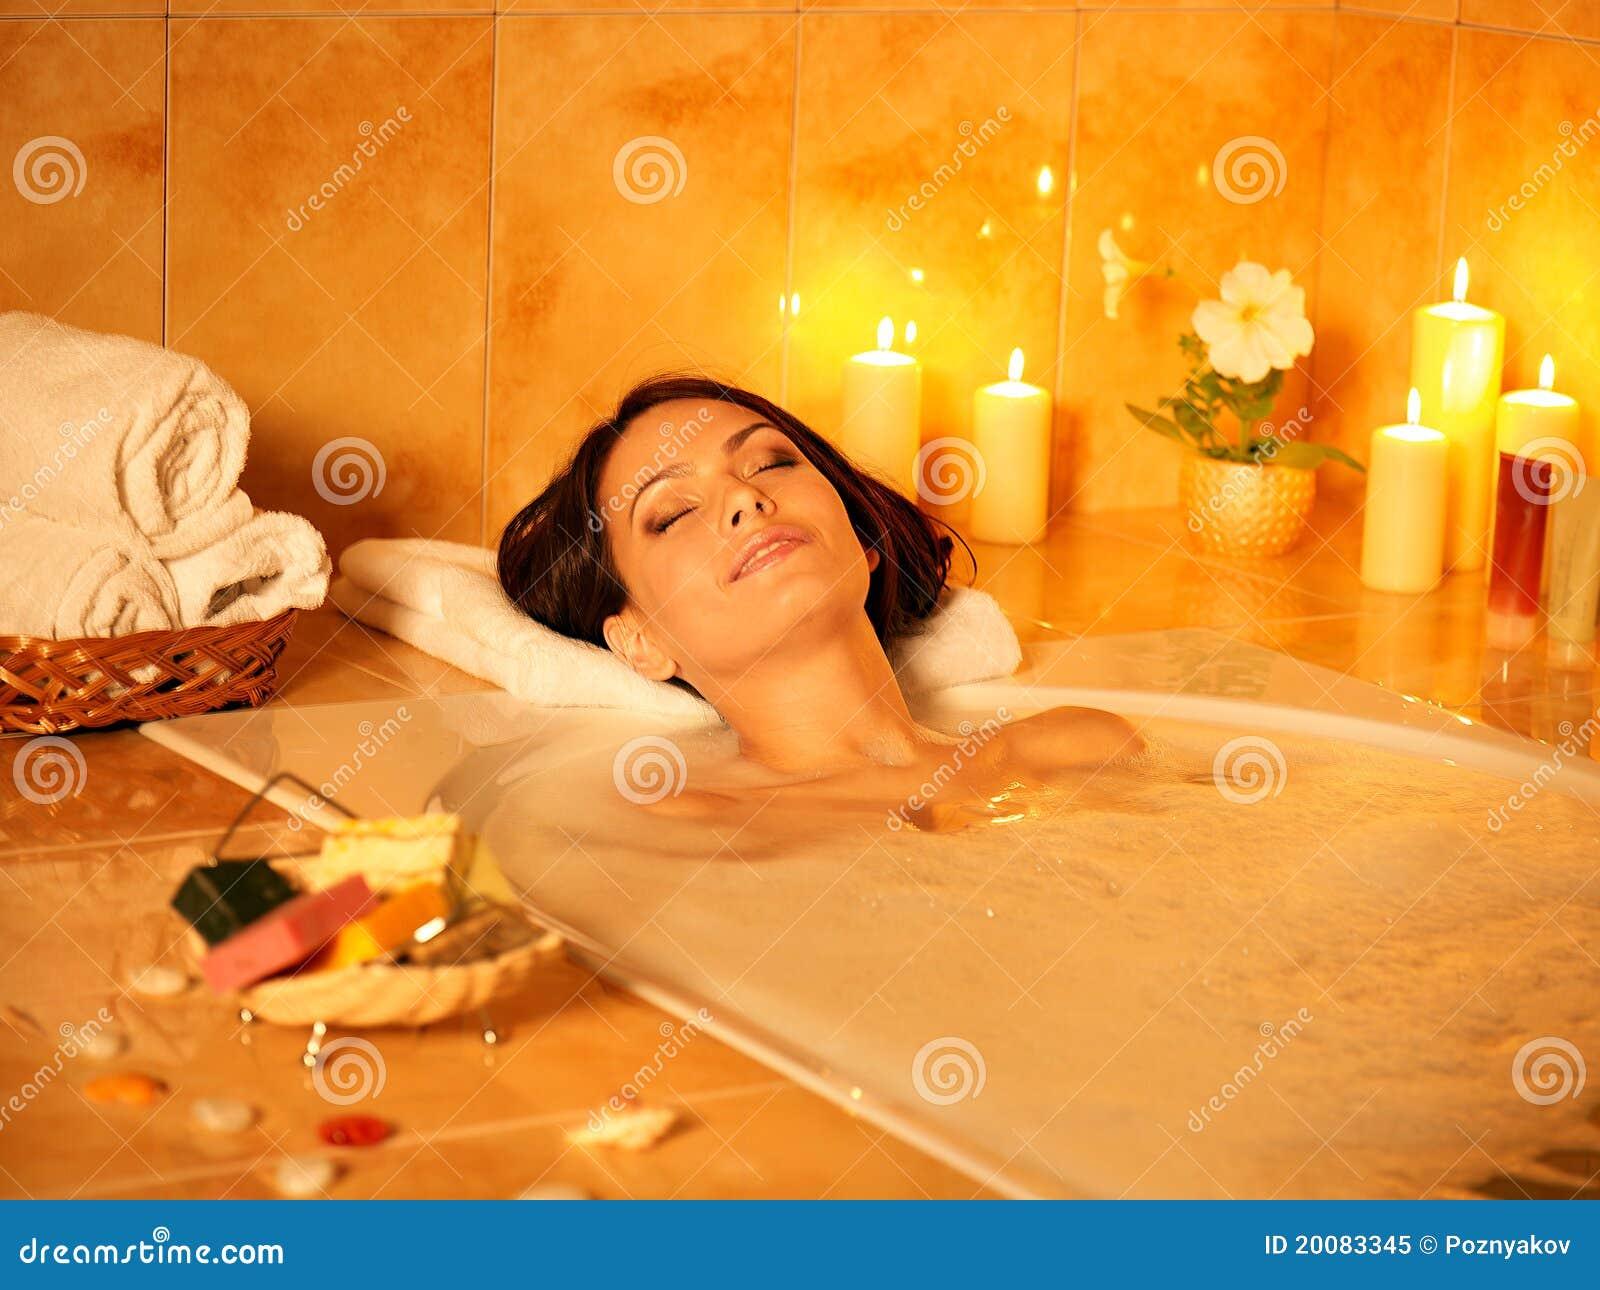 Как сделать большую пену в ванной